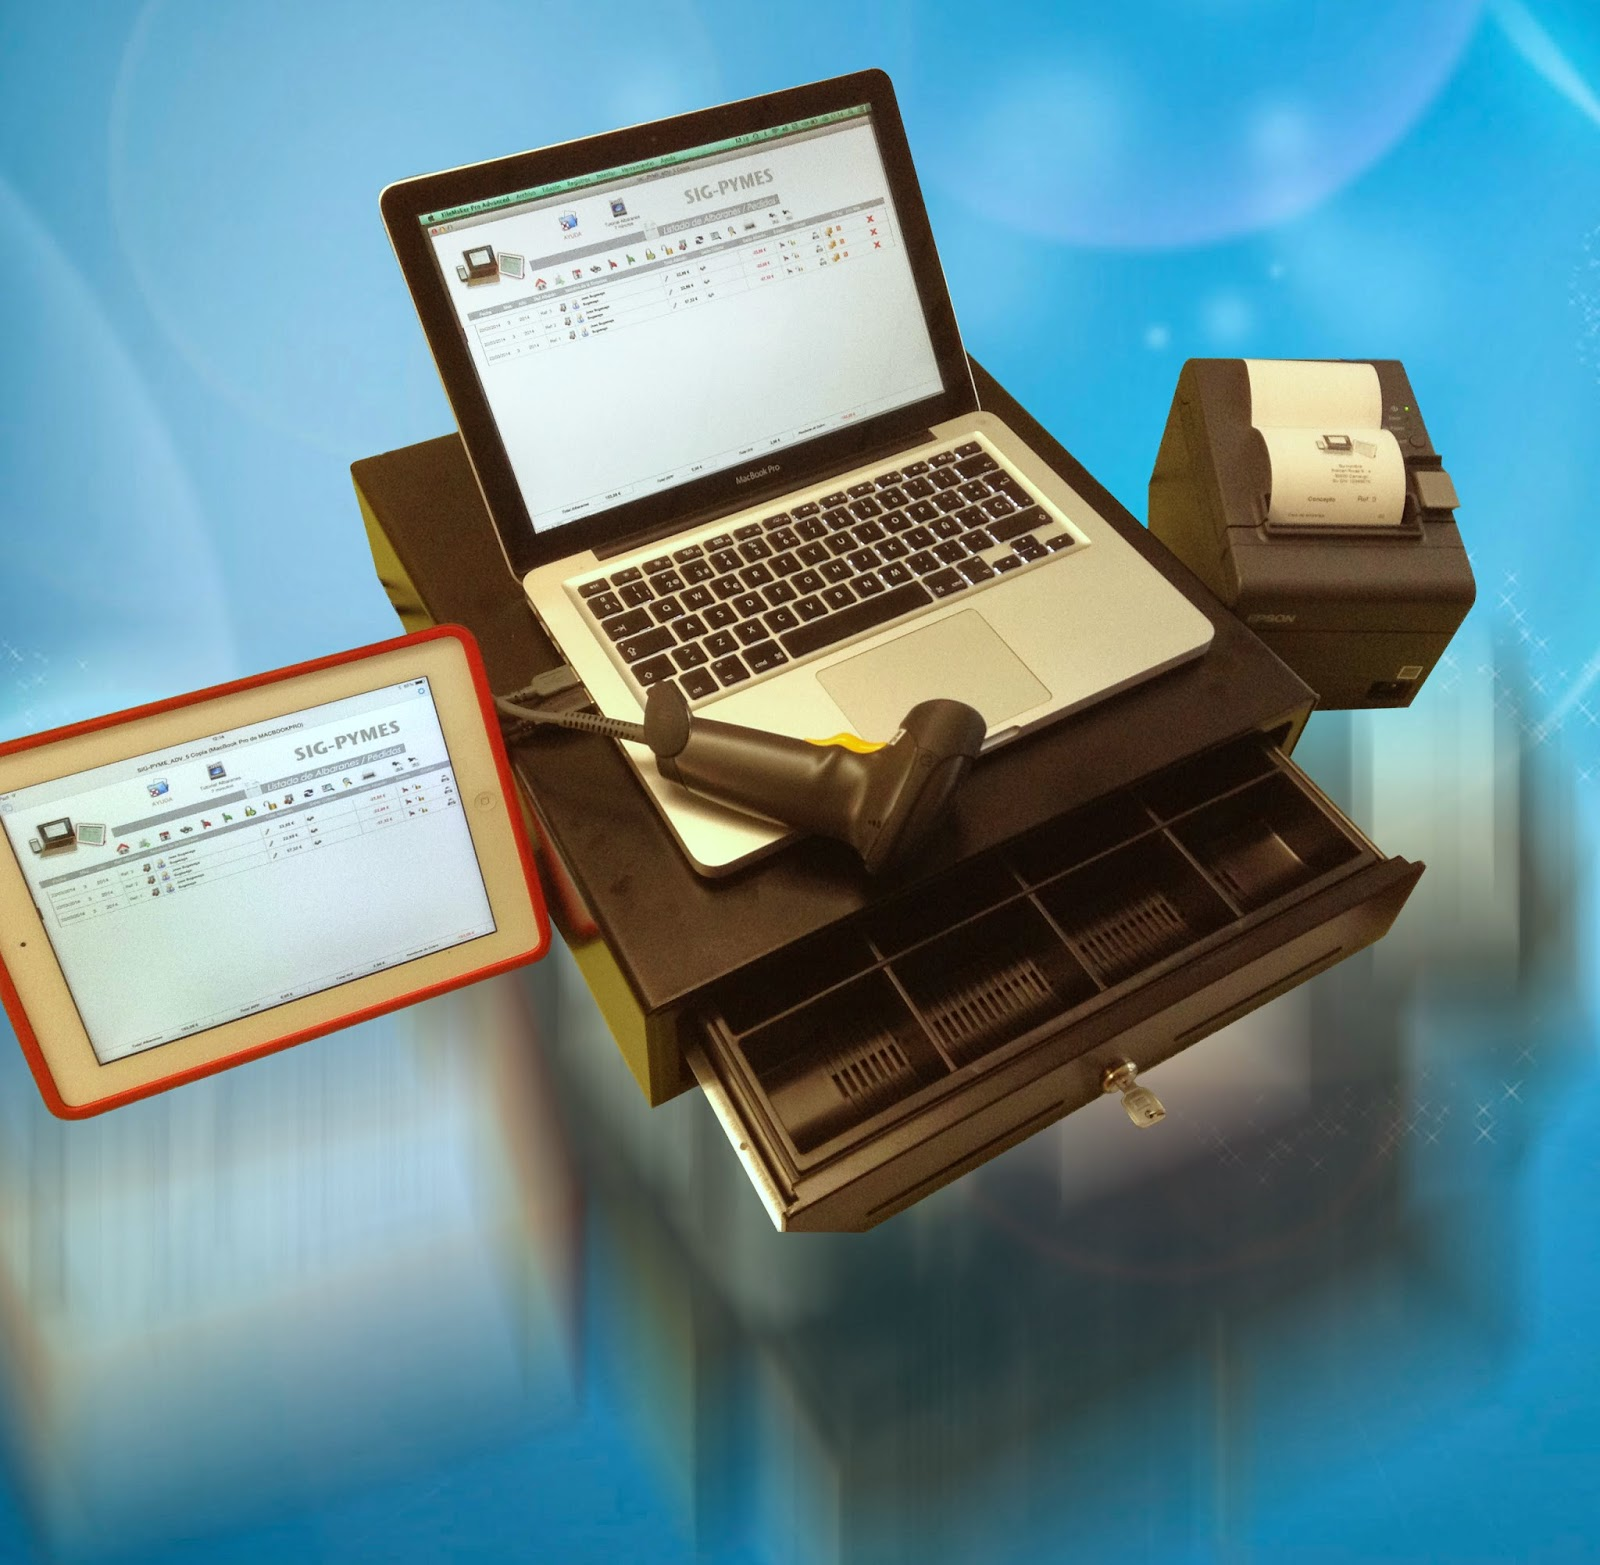 Sig Pyme para Mac con lector de codigo de barras, impresora de ticket y caja monedas